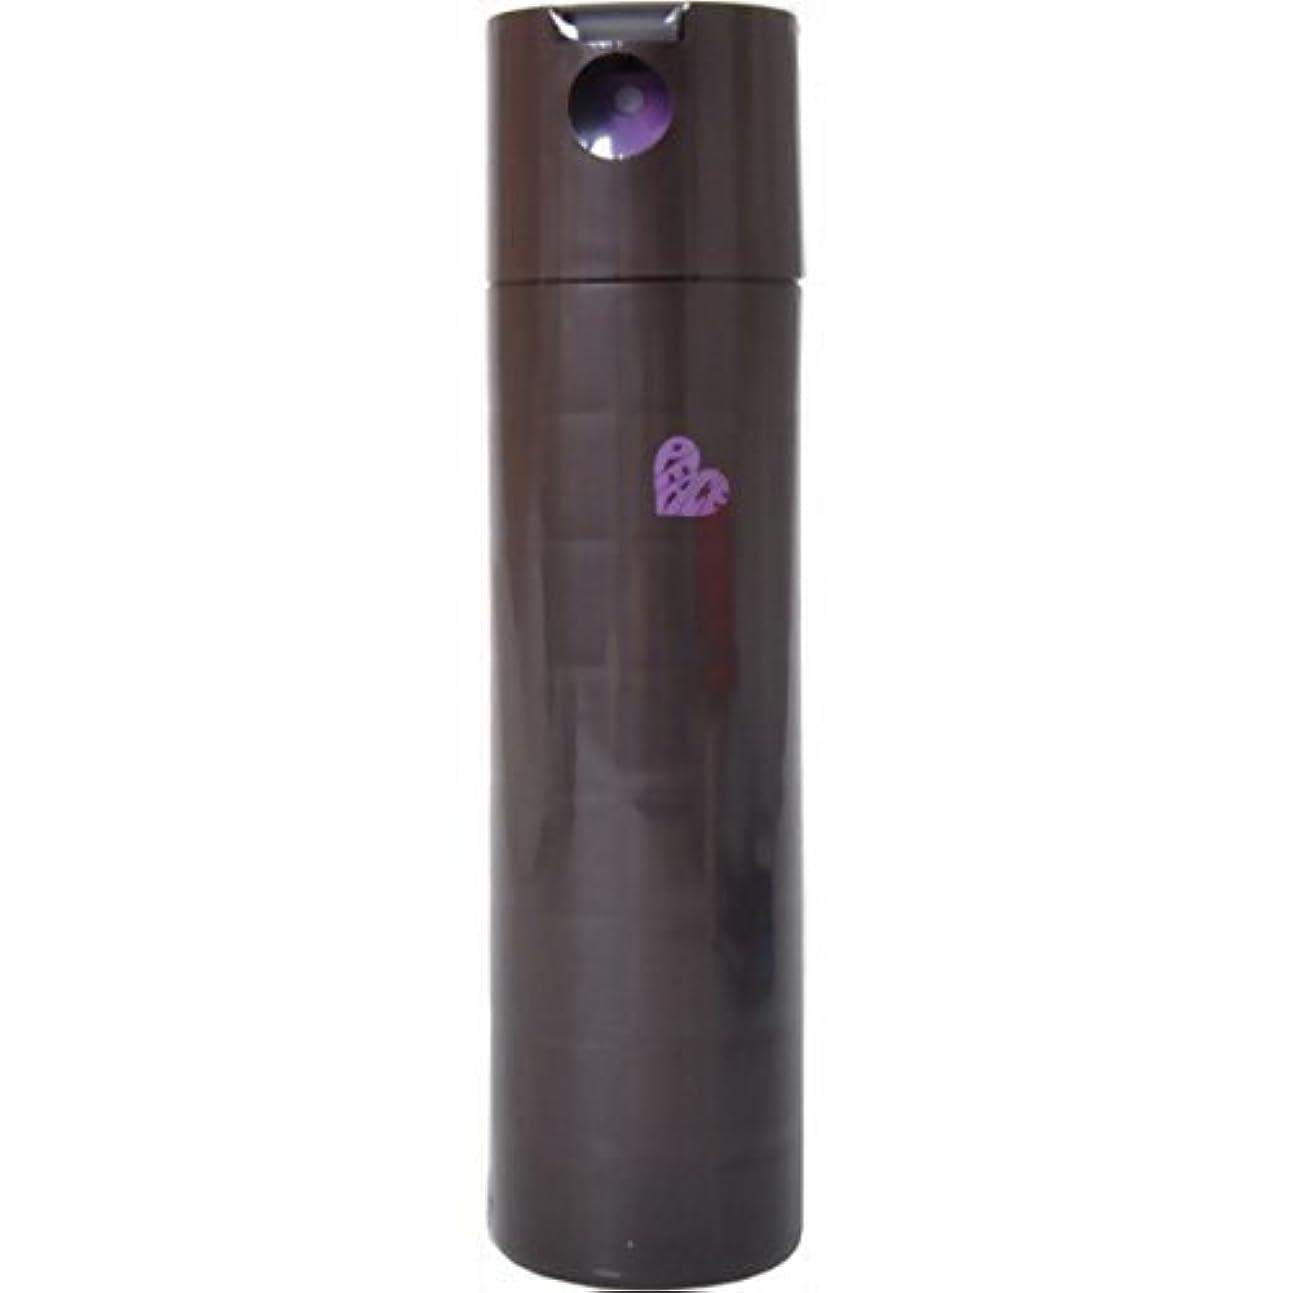 仕方トロリー試してみるアリミノ ピース カールspray チョコ 138g(200ml) スプレーライン ARIMINO PEACE